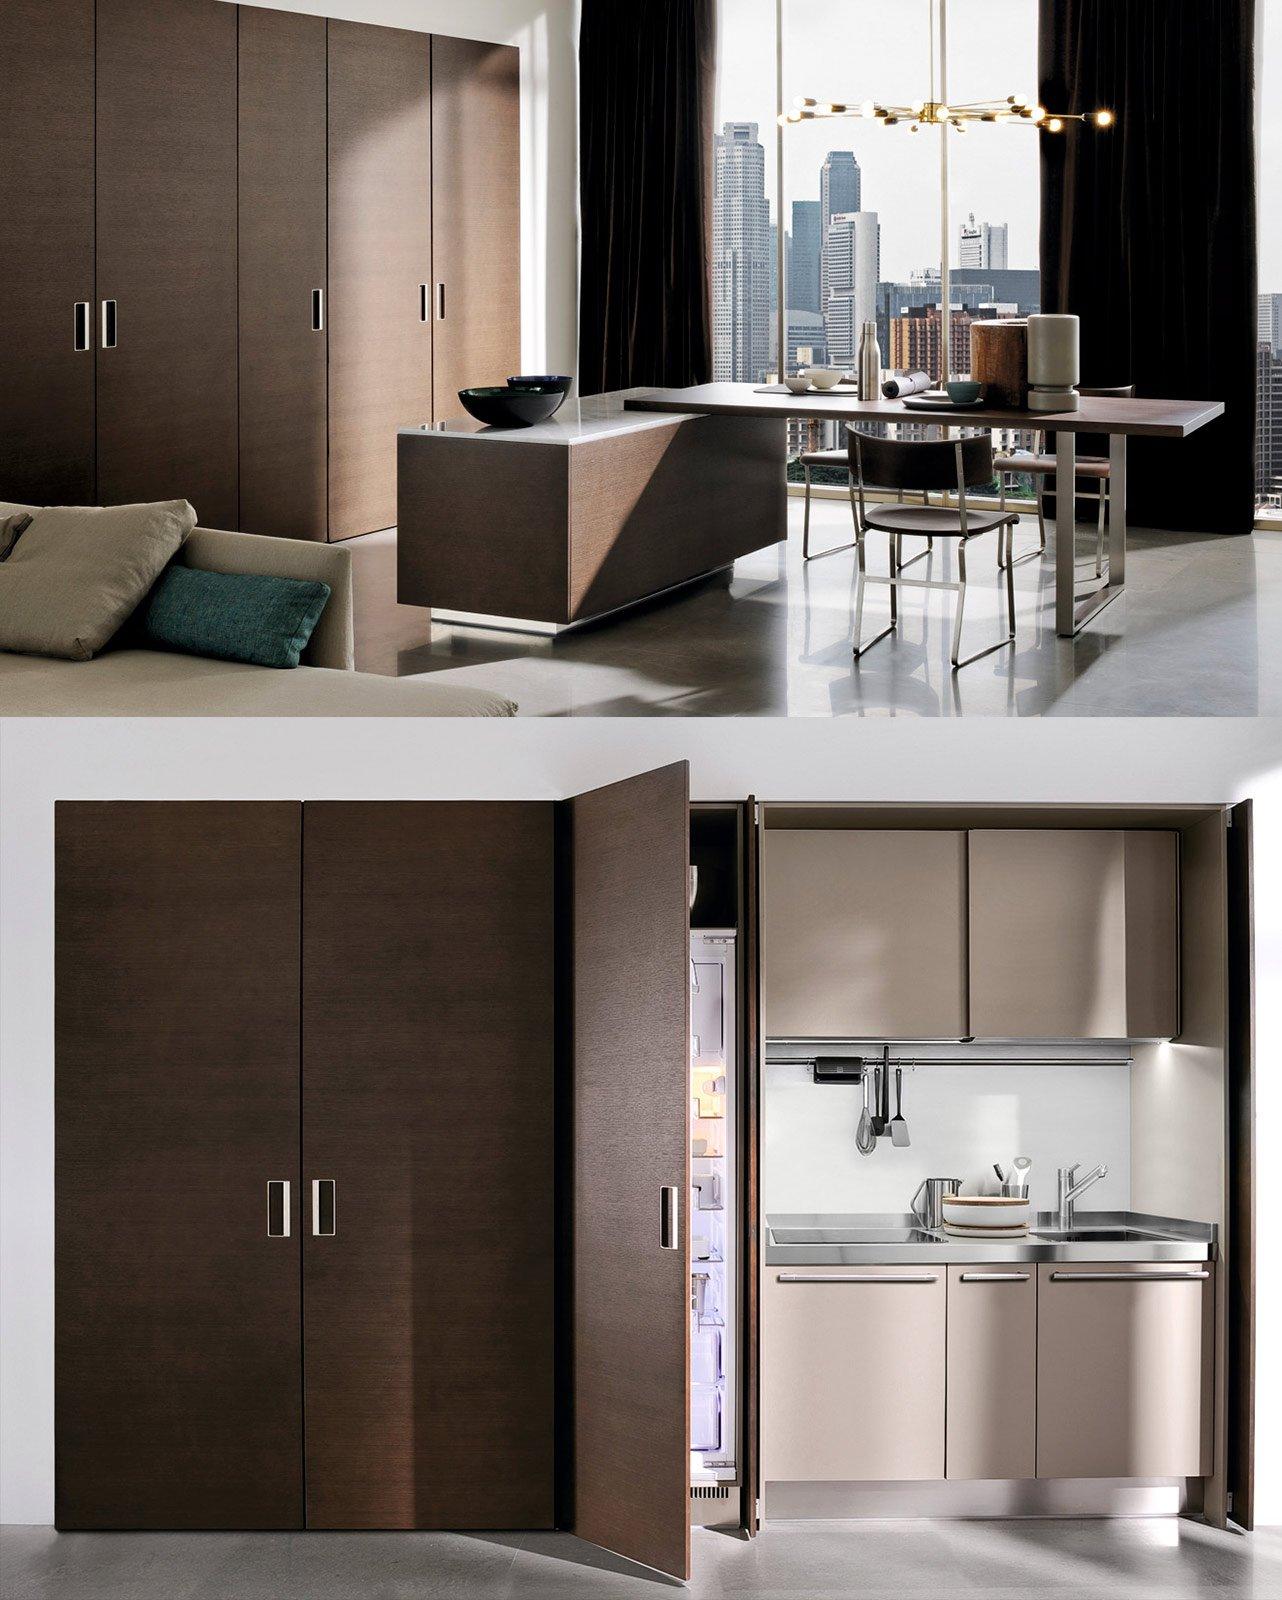 La cucina nell 39 armadio cose di casa - Mobili cucina ikea misure ...